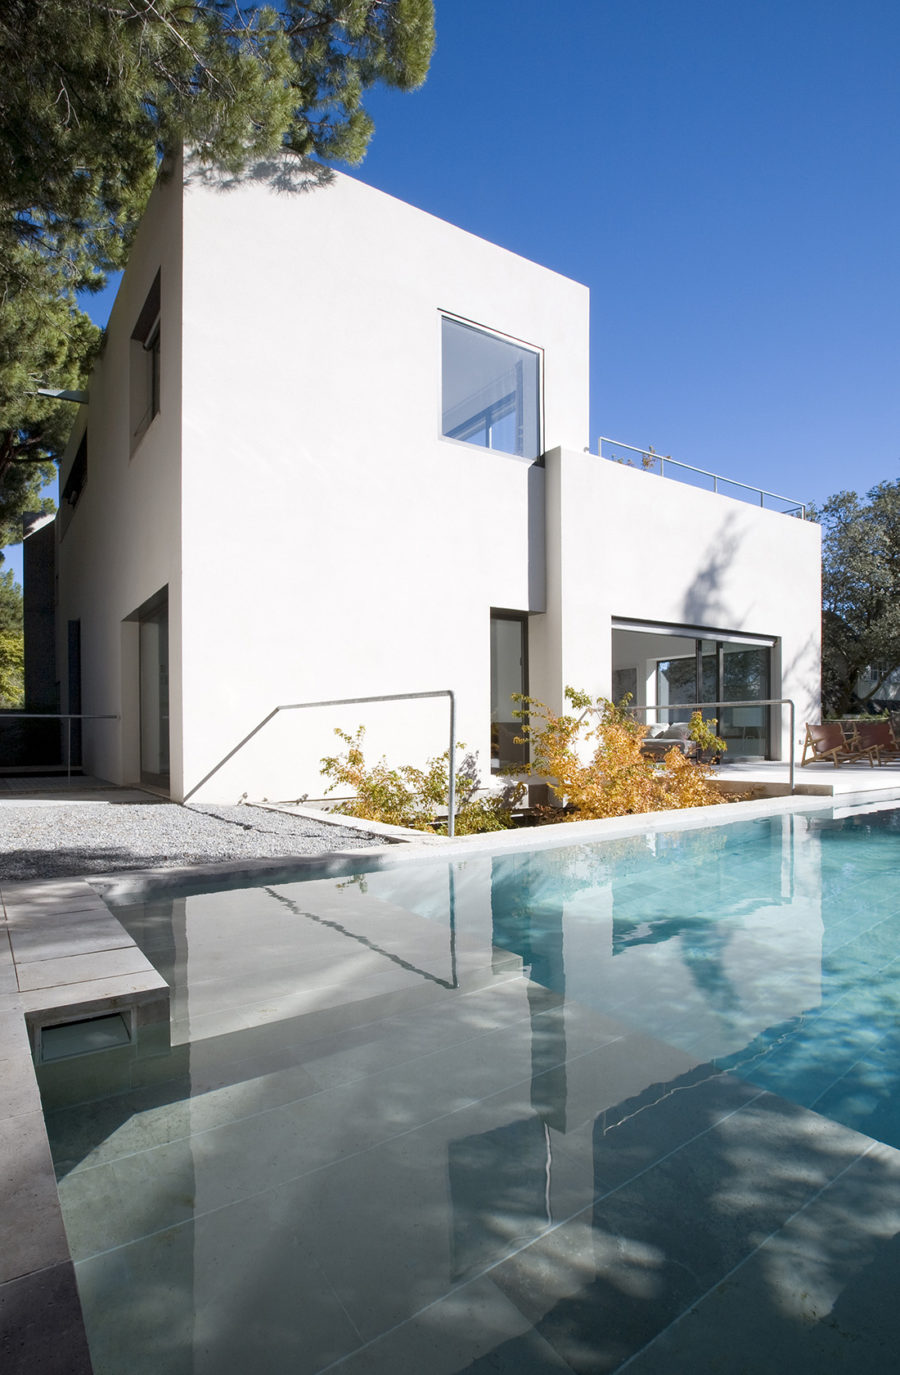 Vista general de la piscina de grandes dimensiones, ÁBATON Arquitectura